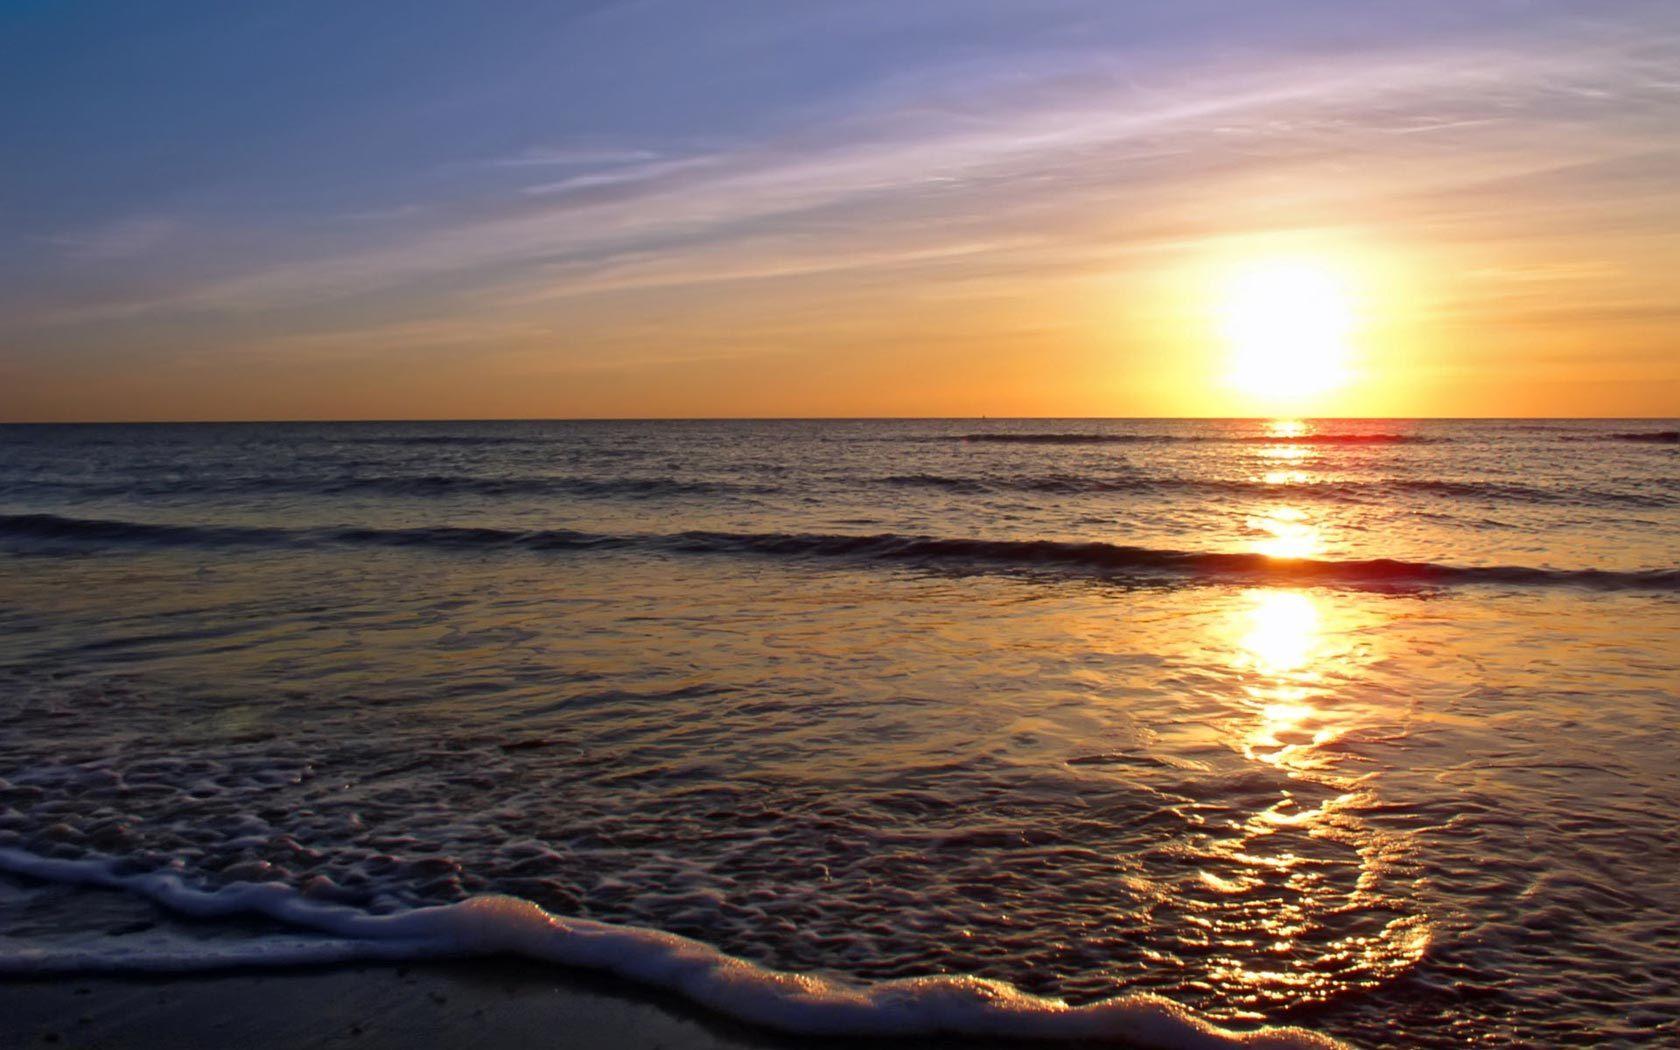 Sunrises Beautiful Sunset Beautiful Sunsets And Sunrises Wallpaper 1680x1050